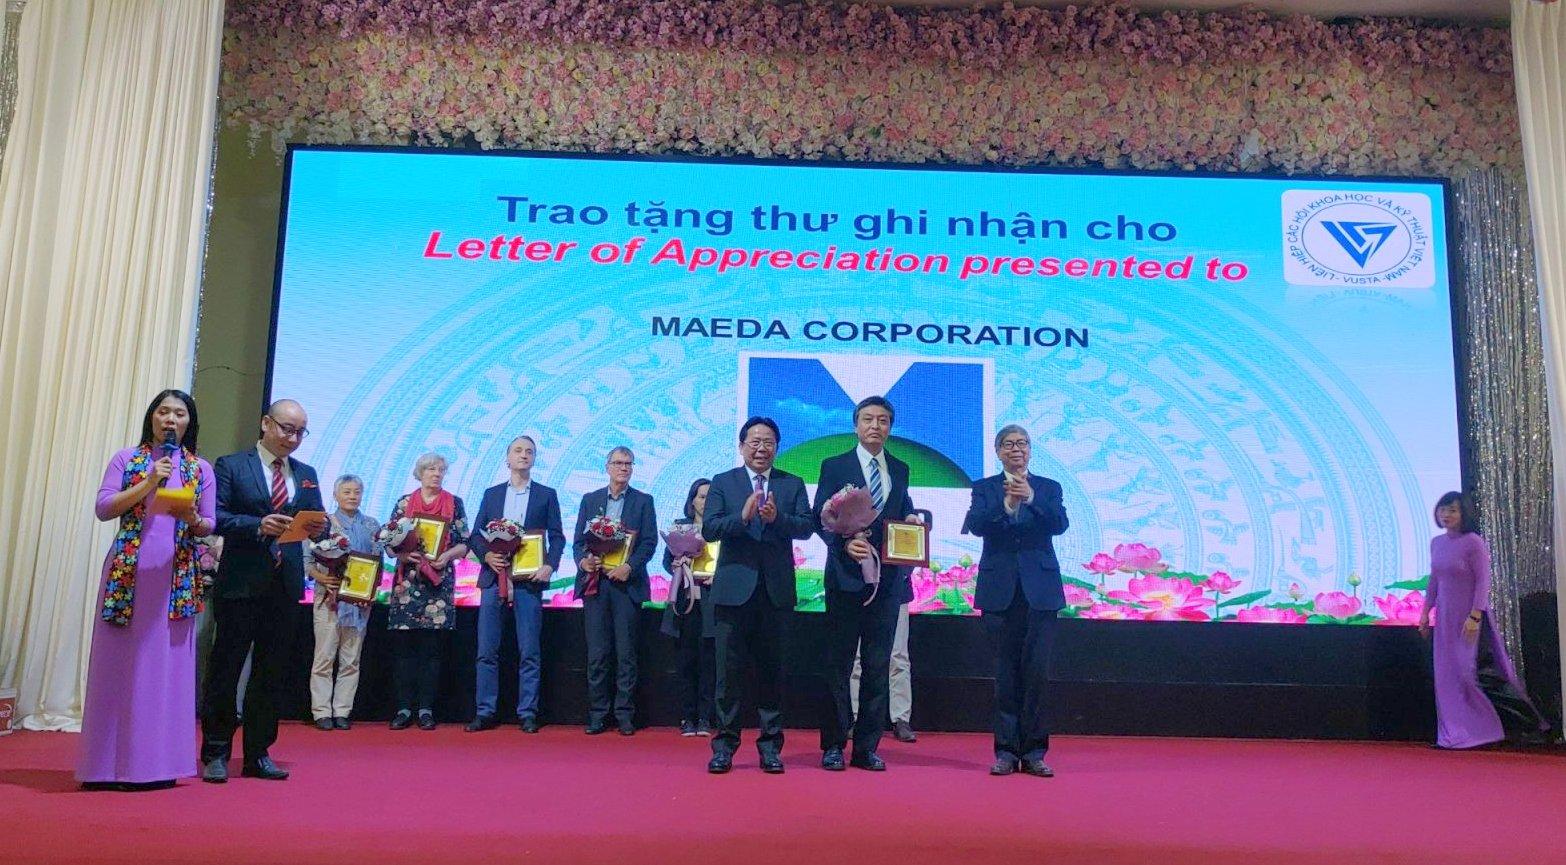 (Tiếng Việt) VUSTA vinh danh Tập đoàn Maeda vì những đóng góp cho hoạt động phục hồi rừng bị nhiễm chất độc da cam tại Quảng Trị